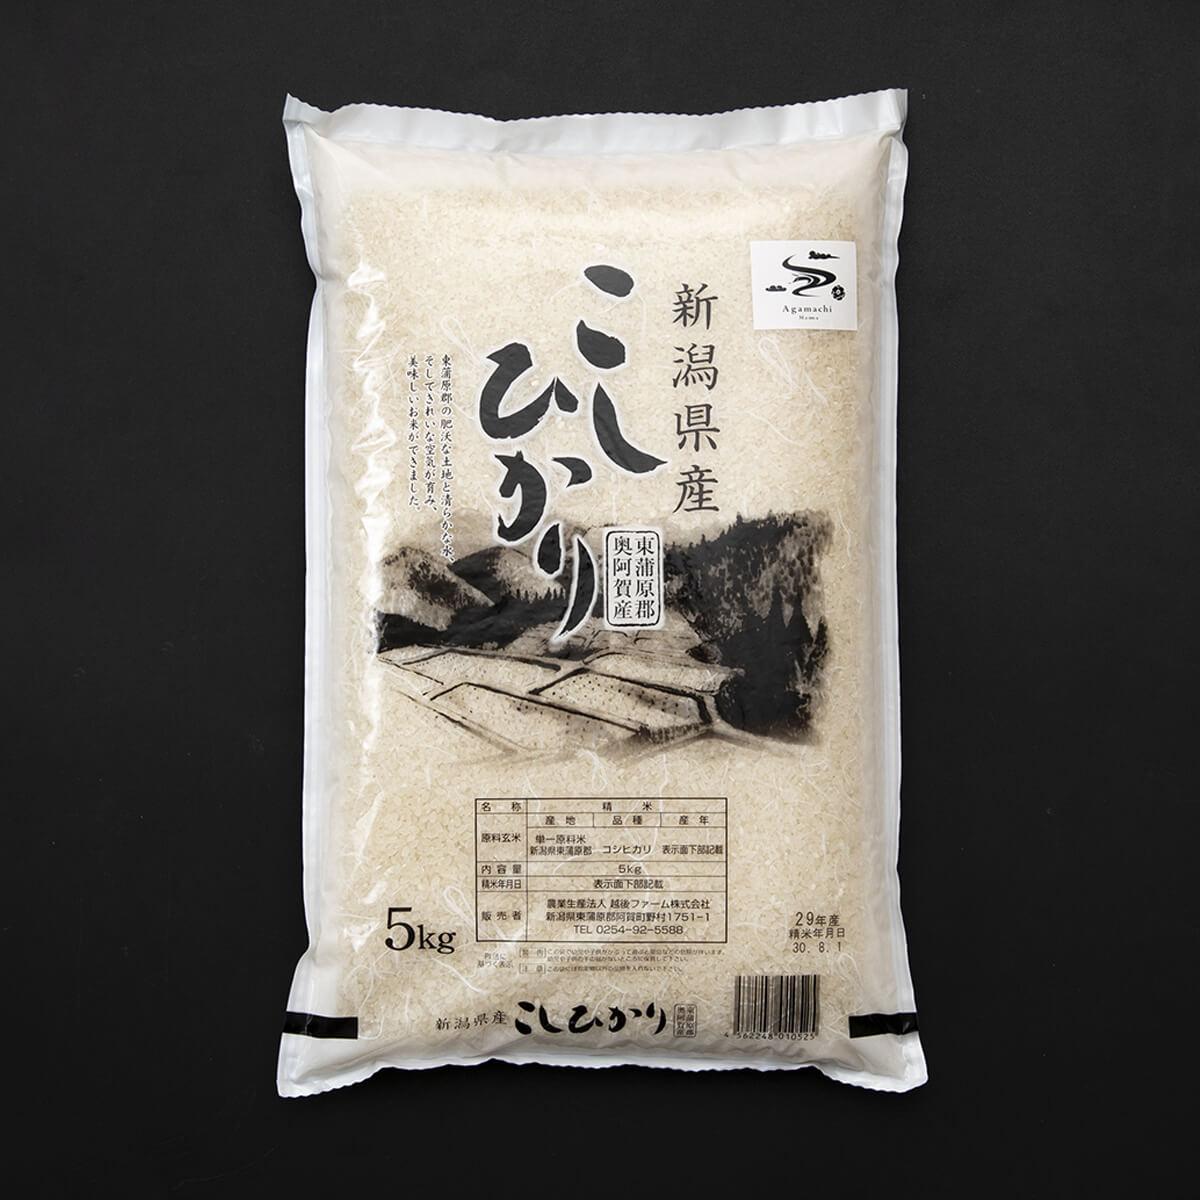 【ふるさと納税】新潟県奥阿賀産こしひかり5kg